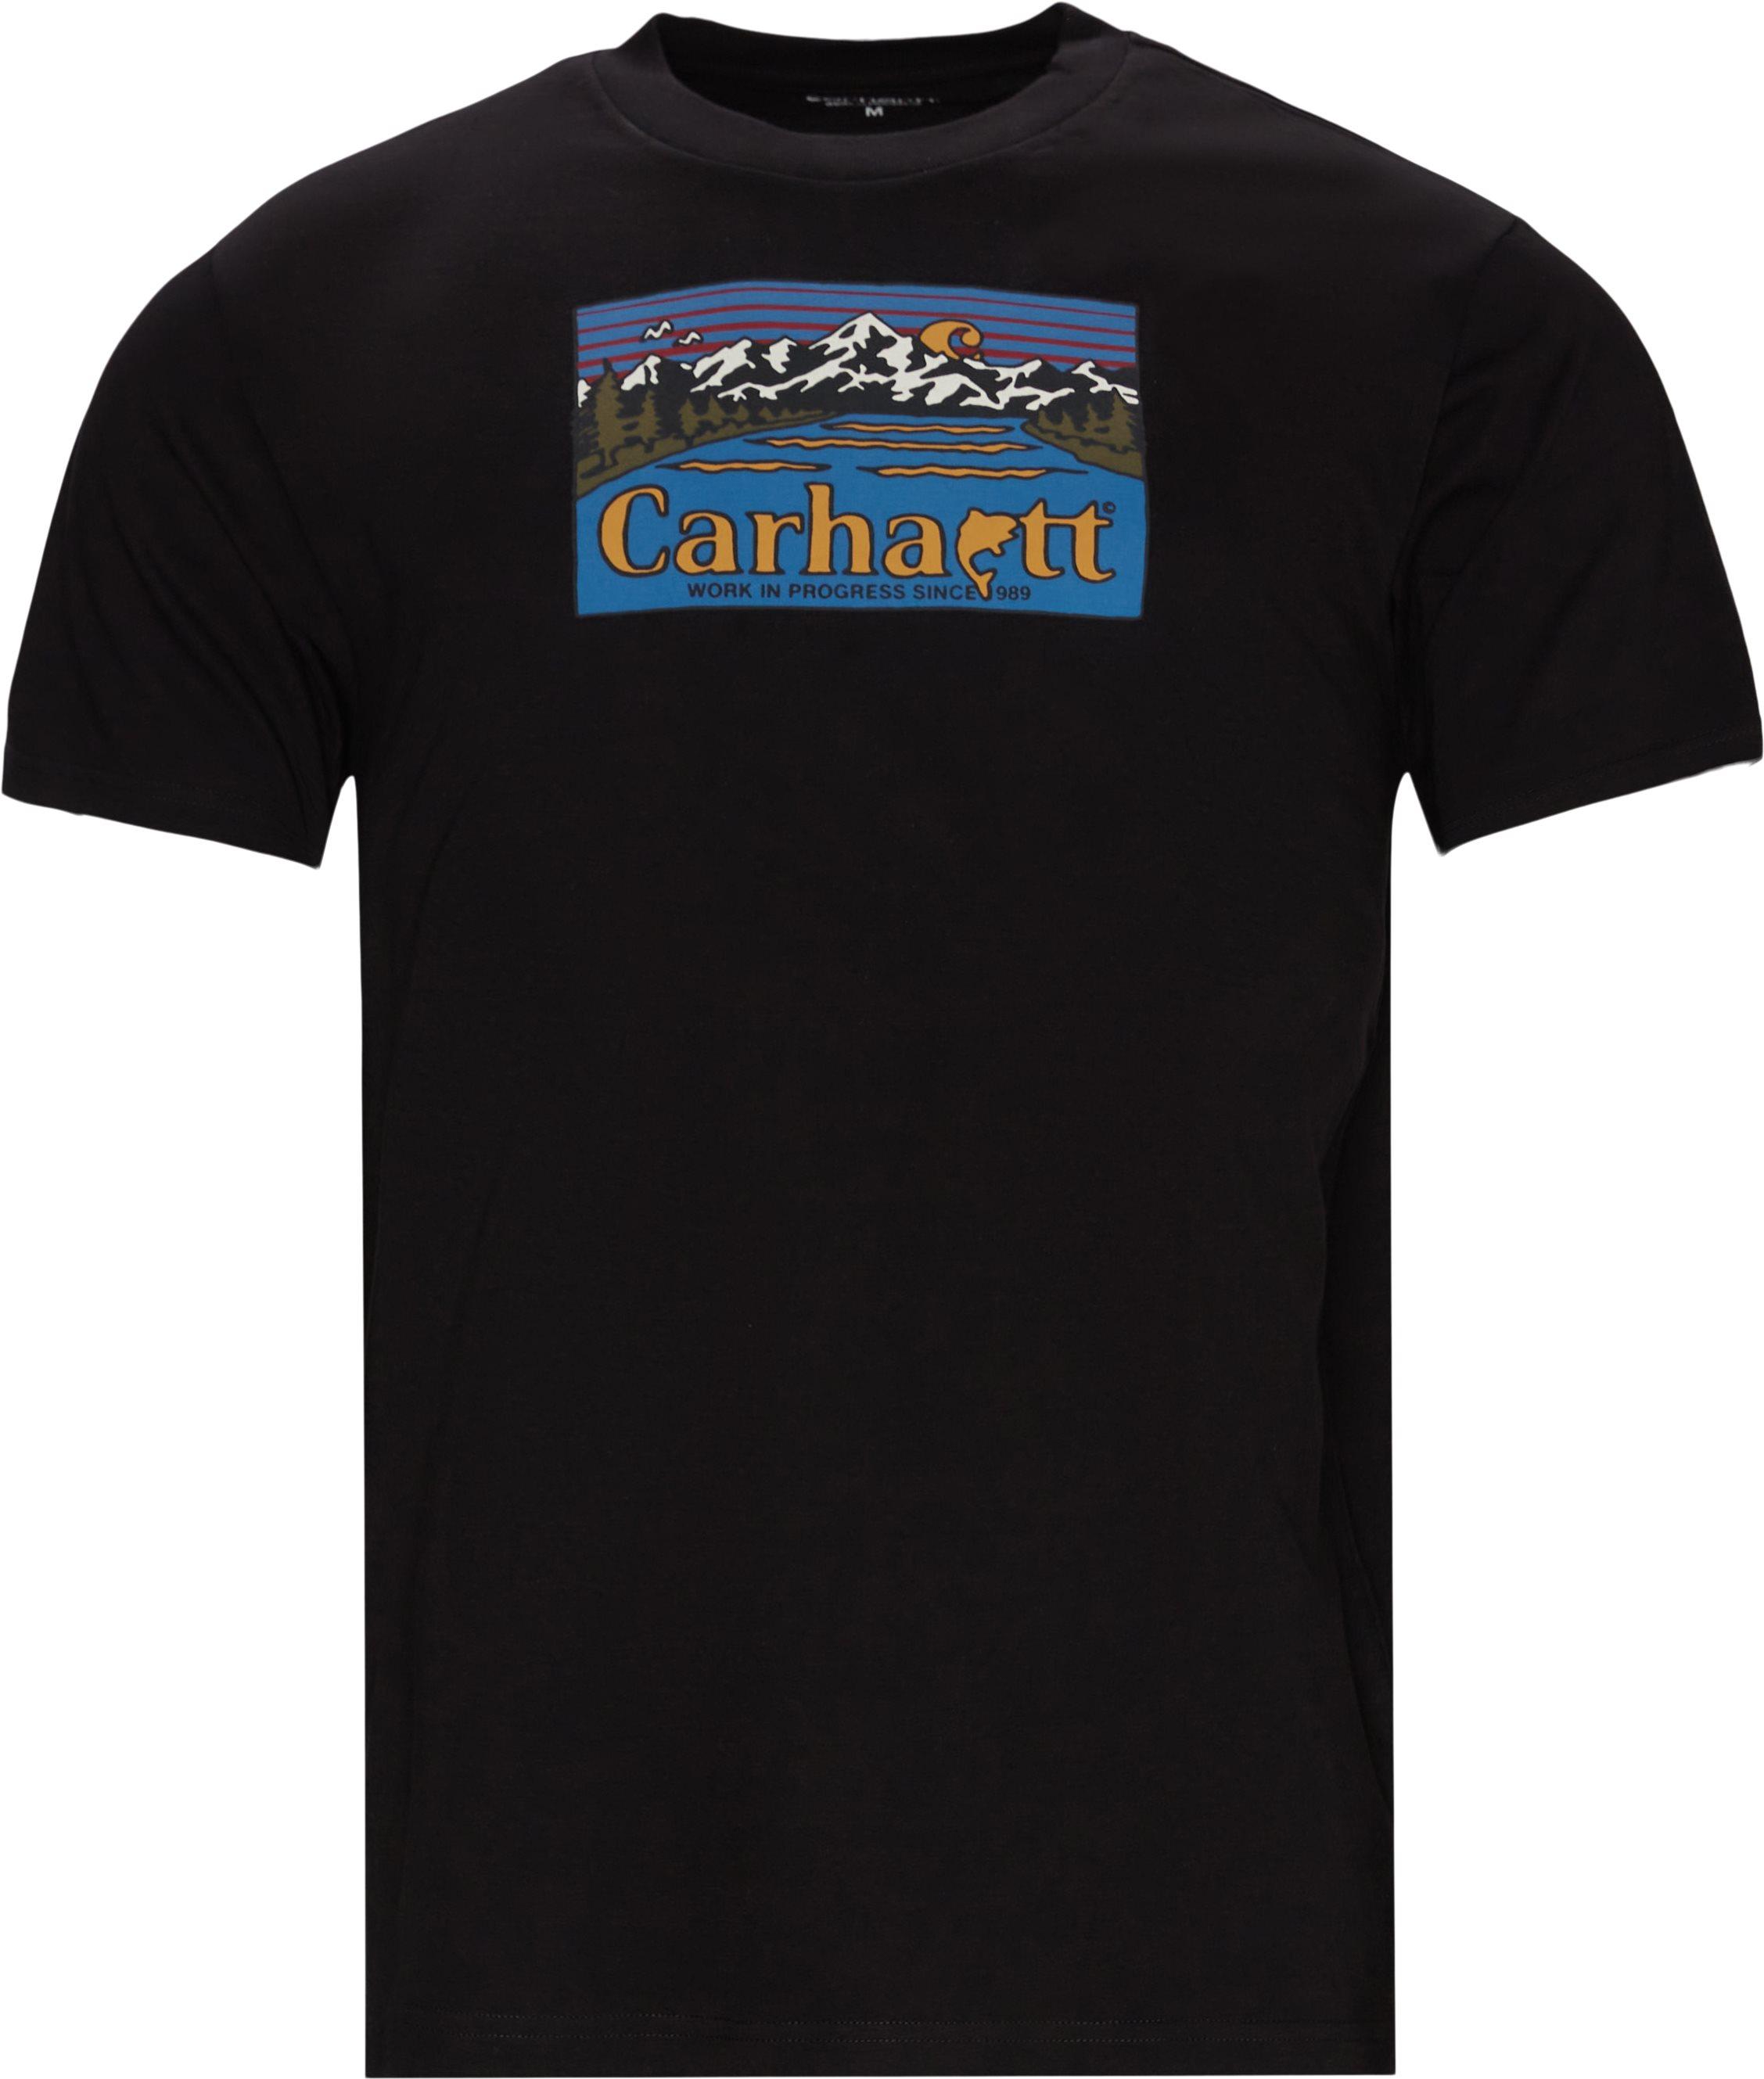 Great Outdoors Tee - T-shirts - Regular fit - Svart